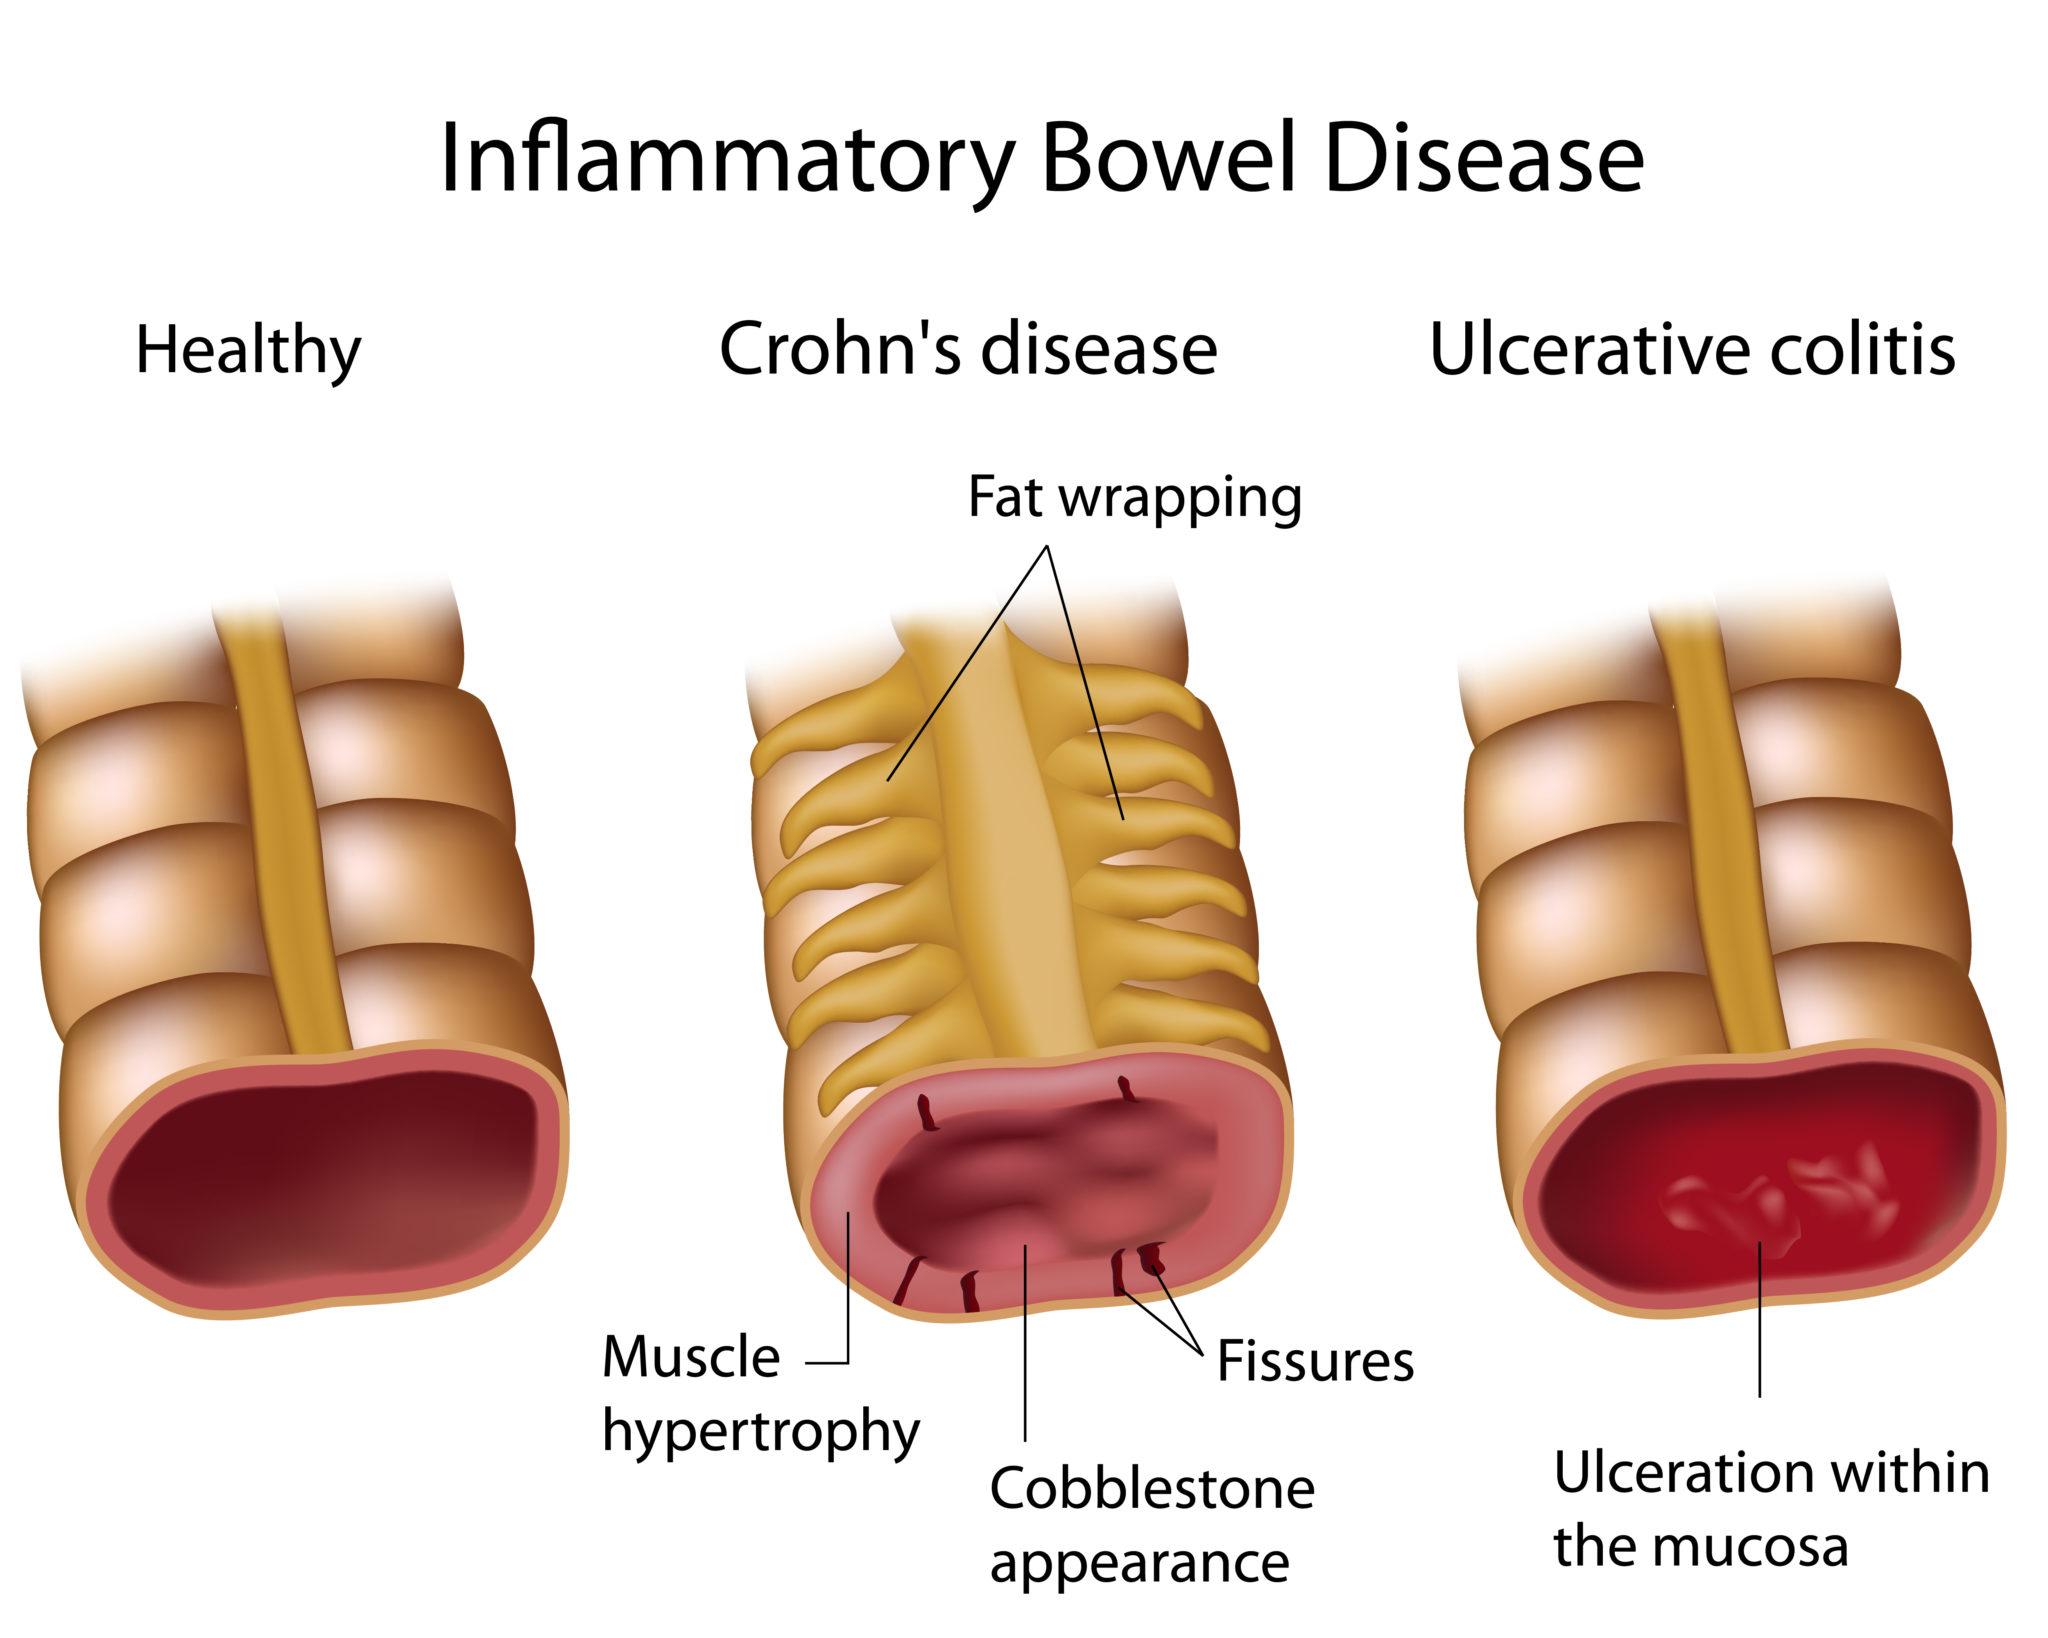 cum să piardă în greutate cu boala crohn chirothin pierderi în greutate recenzii